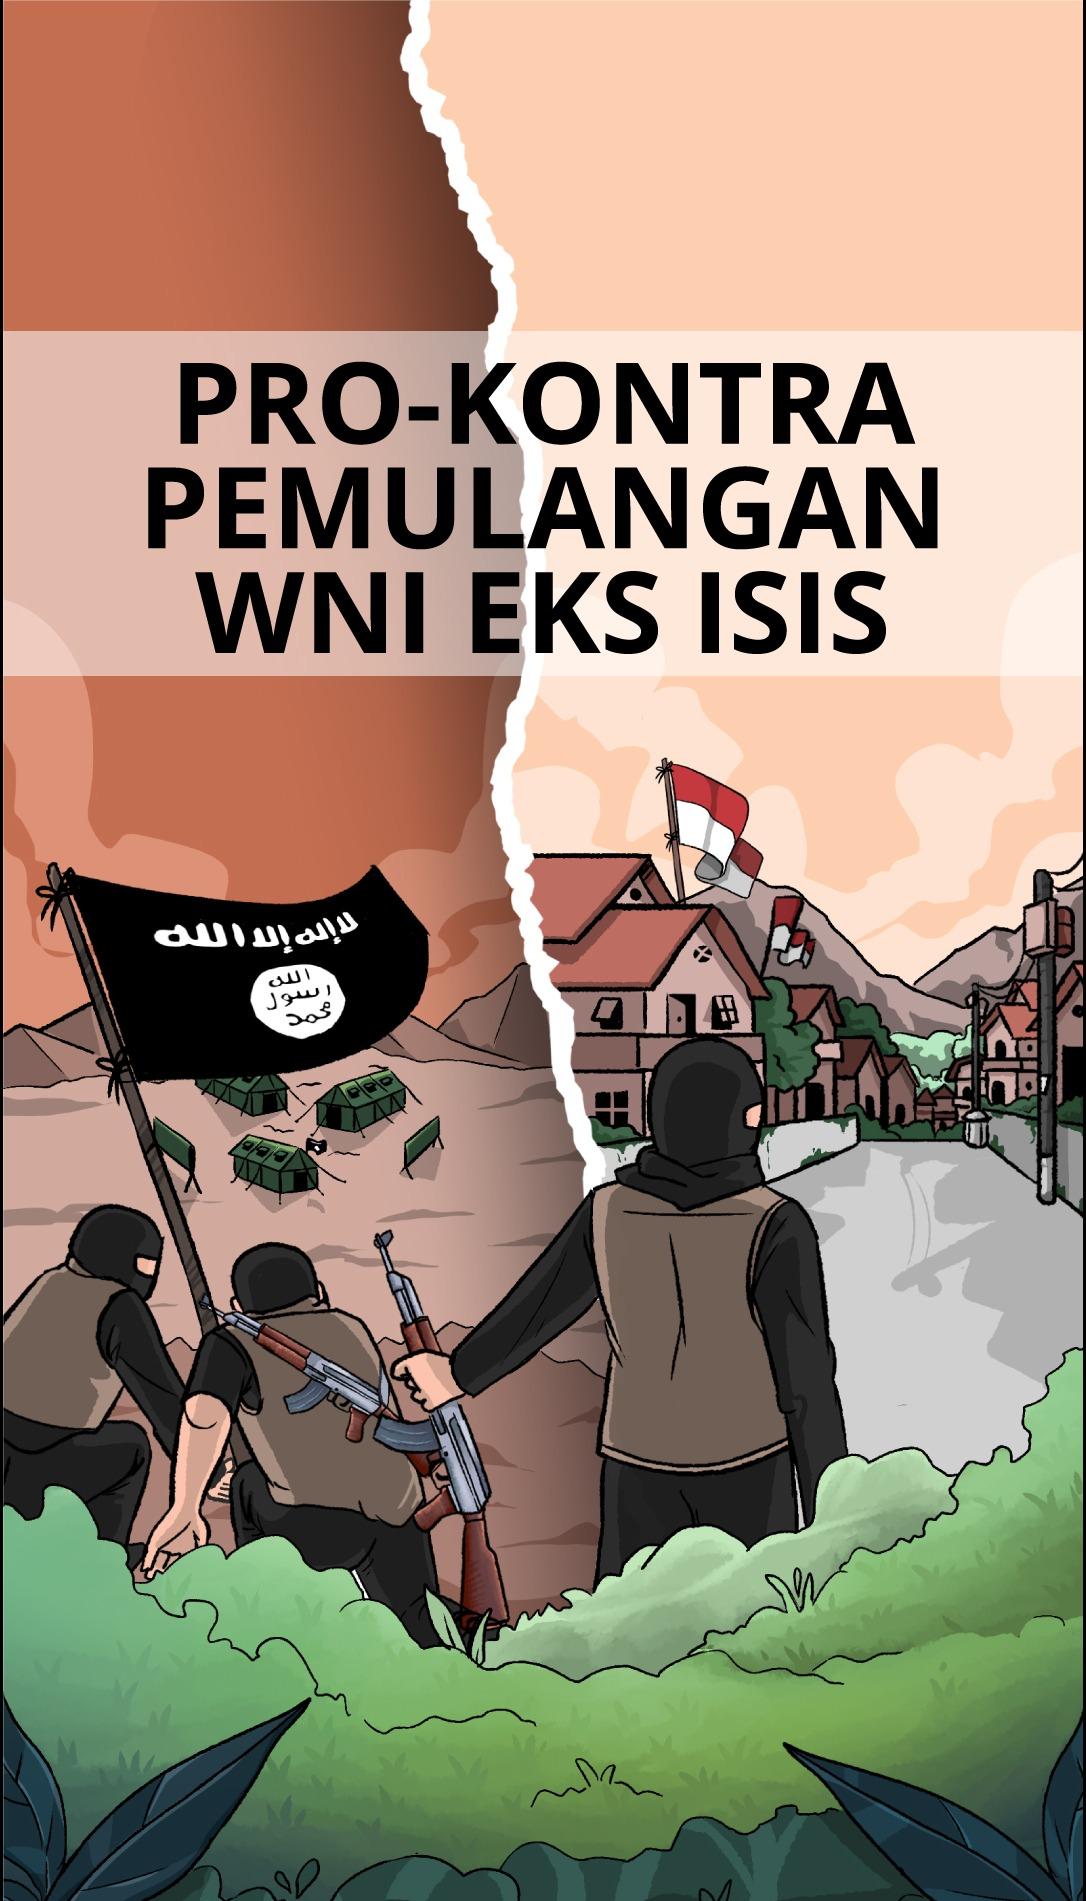 Pro-Kontra Pemulangan WNI Eks ISIS